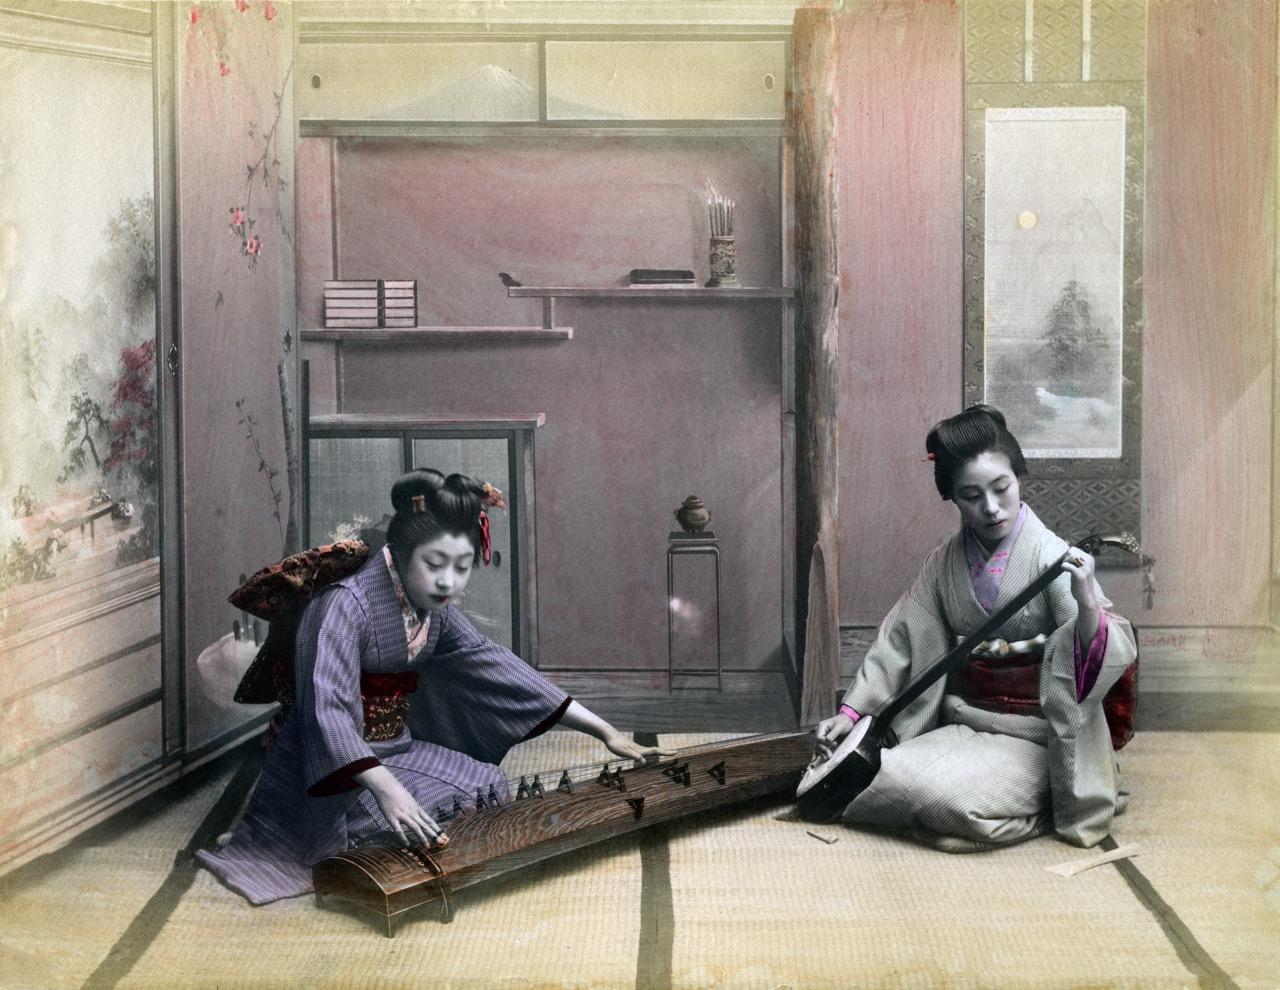 Игра на кото и сямисэн